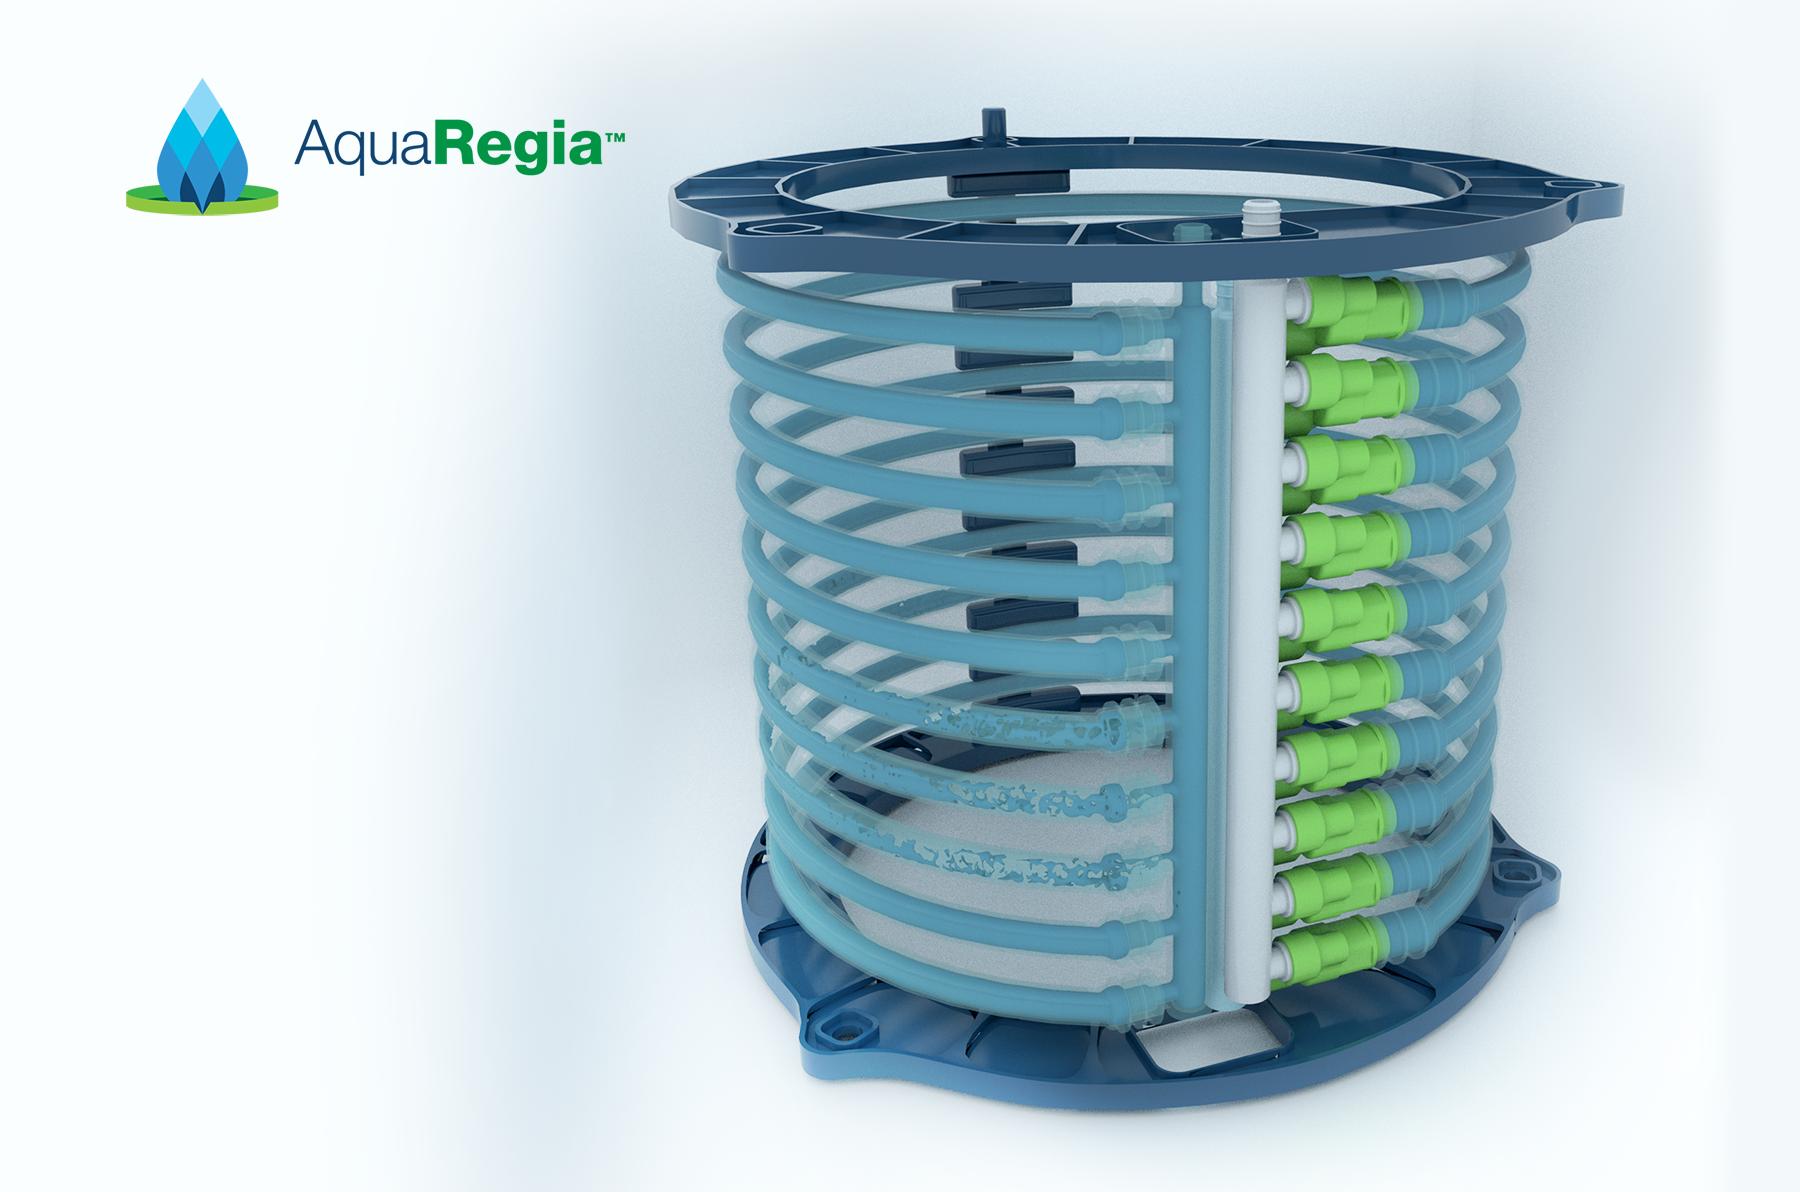 AquaRegia-Unit-slide-3-small.png